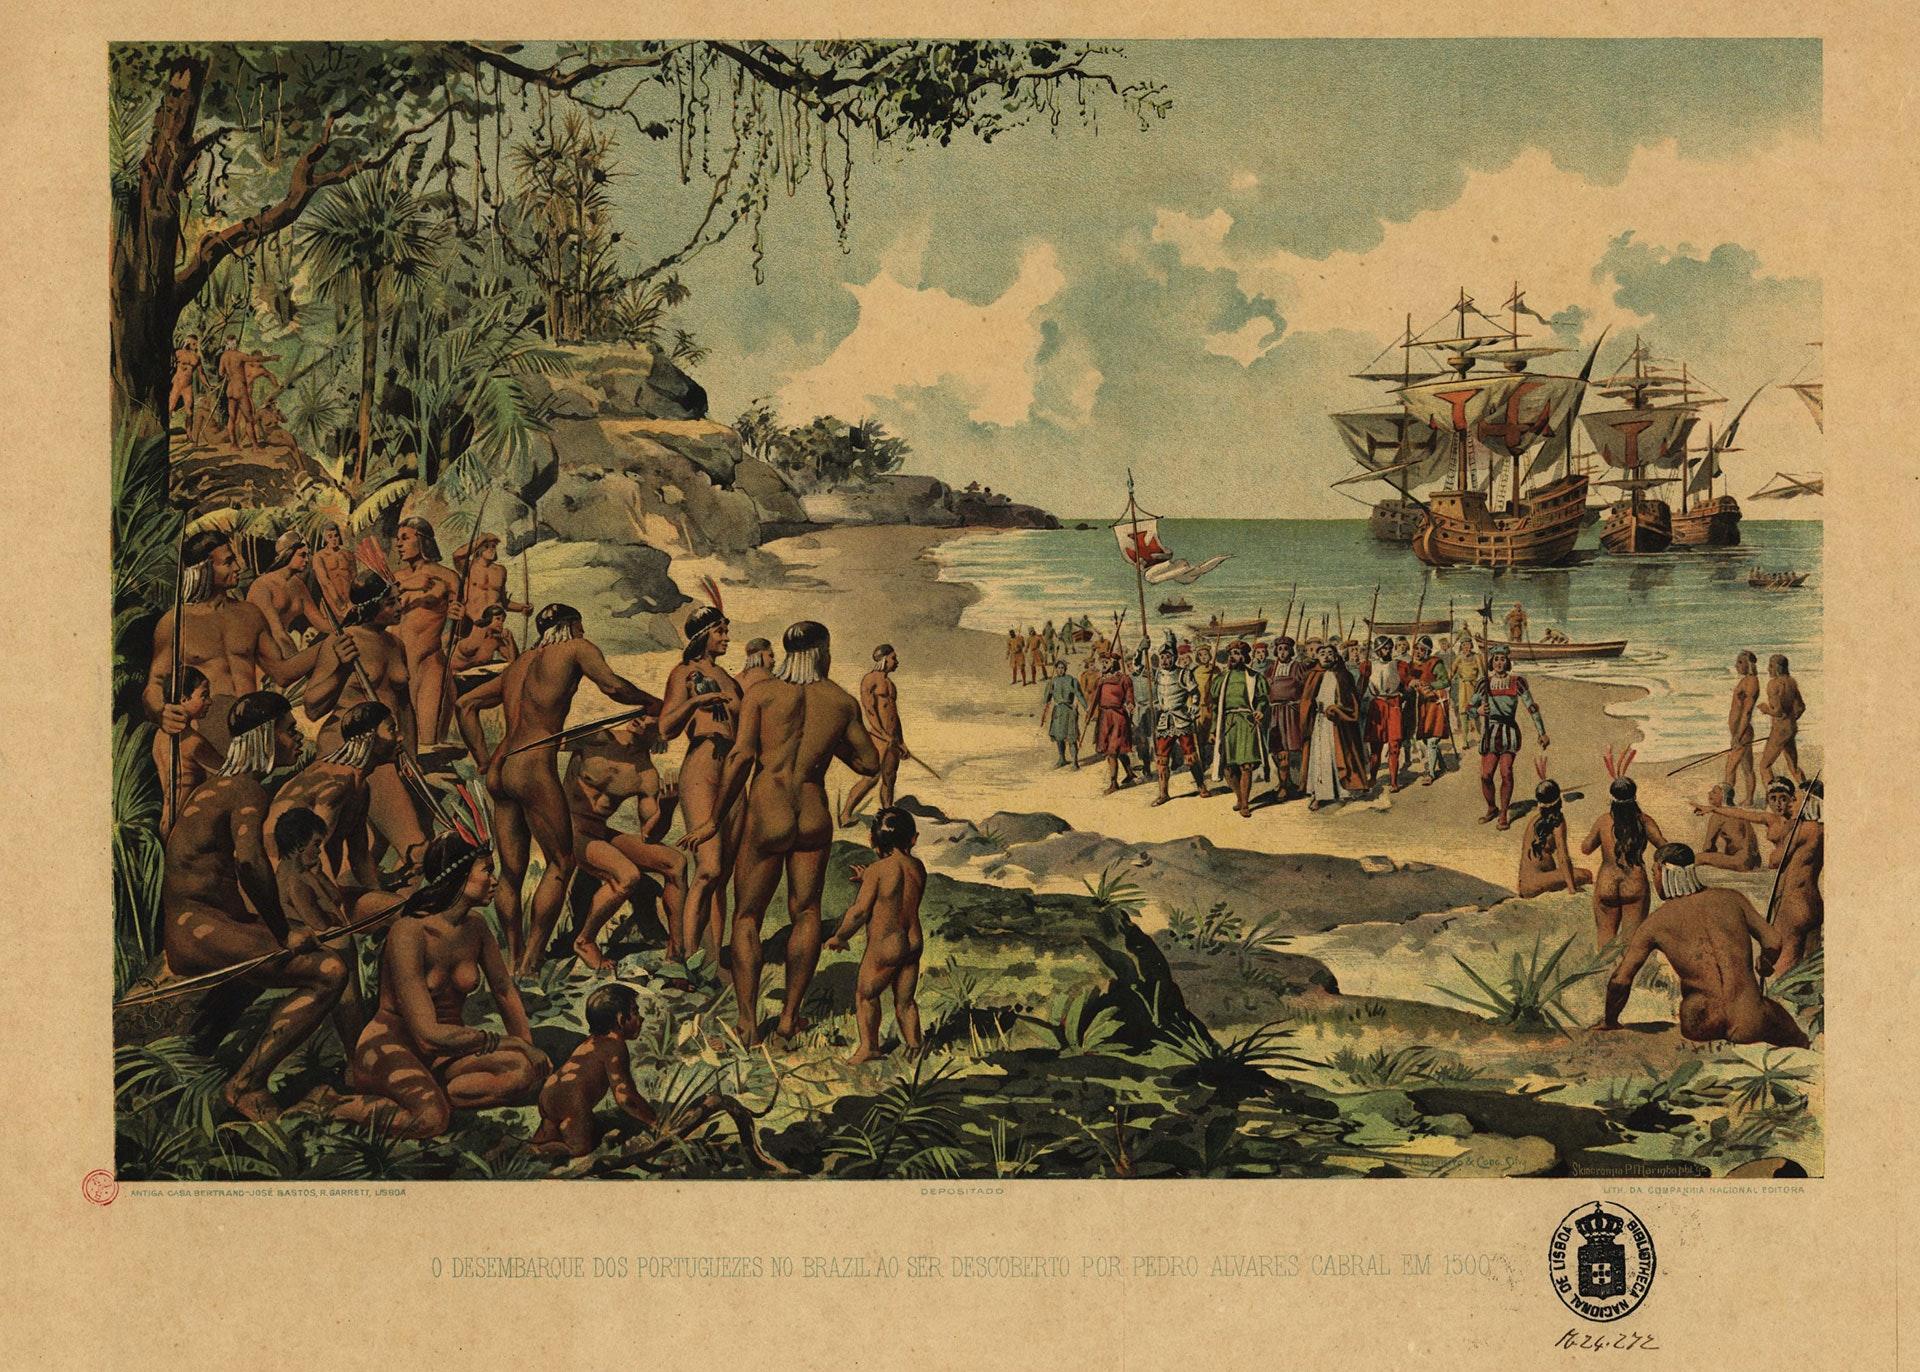 O desembarque dos portuguezes no Brazil ao ser descoberto por Pedro Alvares Cabral em 1500